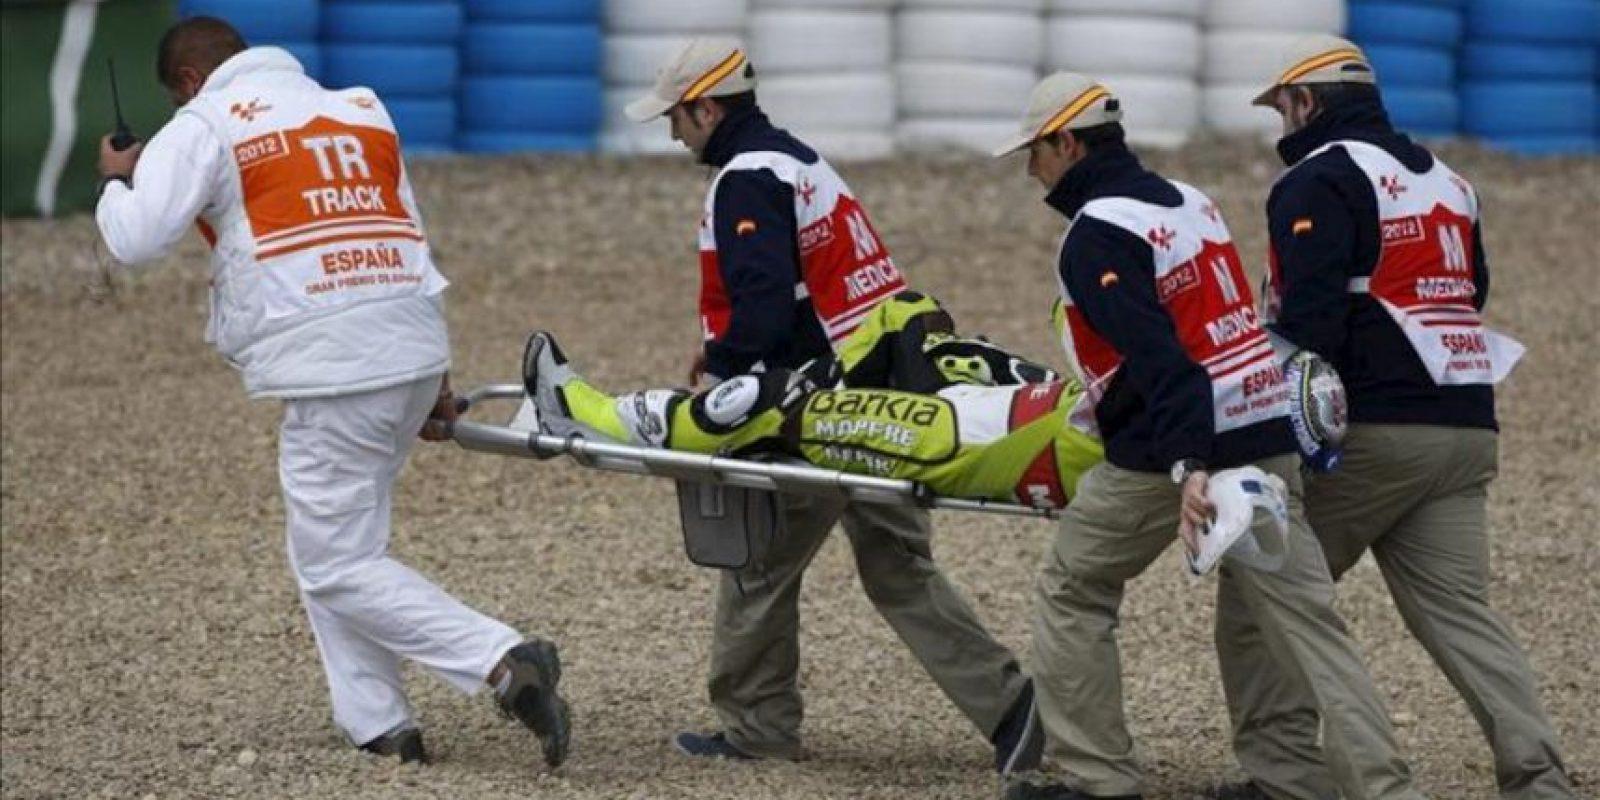 El piloto español Héctor Faubel (Kalex KTM) es trasladado en camilla por las asistencias tras la caída sufrida, a menos de diez minutos para el final de los primeros entrenamientos libres del Gran Premio de España de Moto3 hoy, en el circuito de Jerez, donde el próximo domingo se disputa el Gran Premio de España de MotoGP. EFE